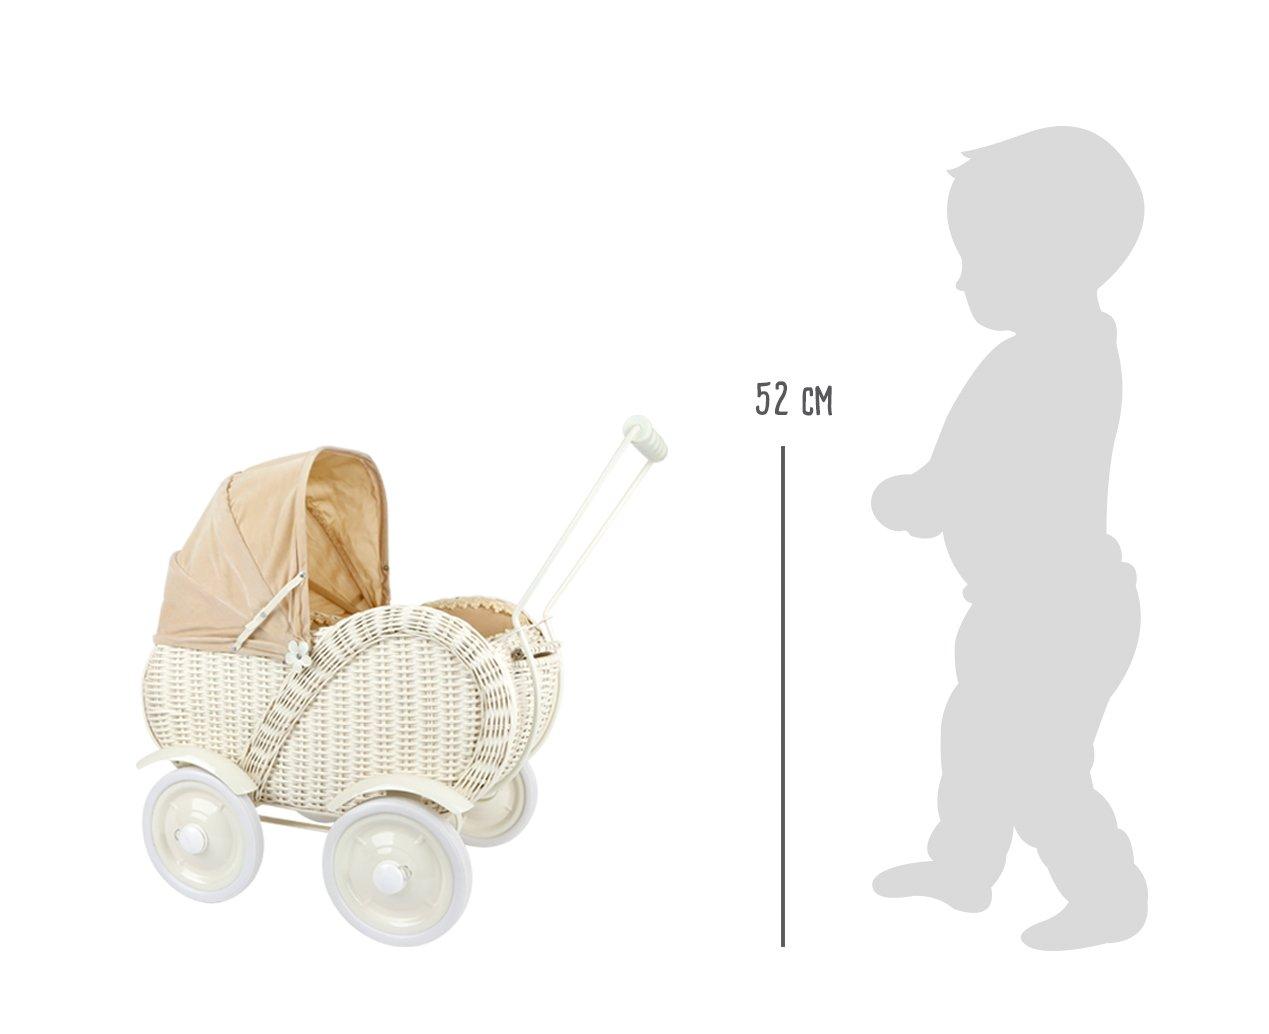 Amazon.es: small foot company Legler 8769 - Cochecito para muñecas Caroline: Juguetes y juegos